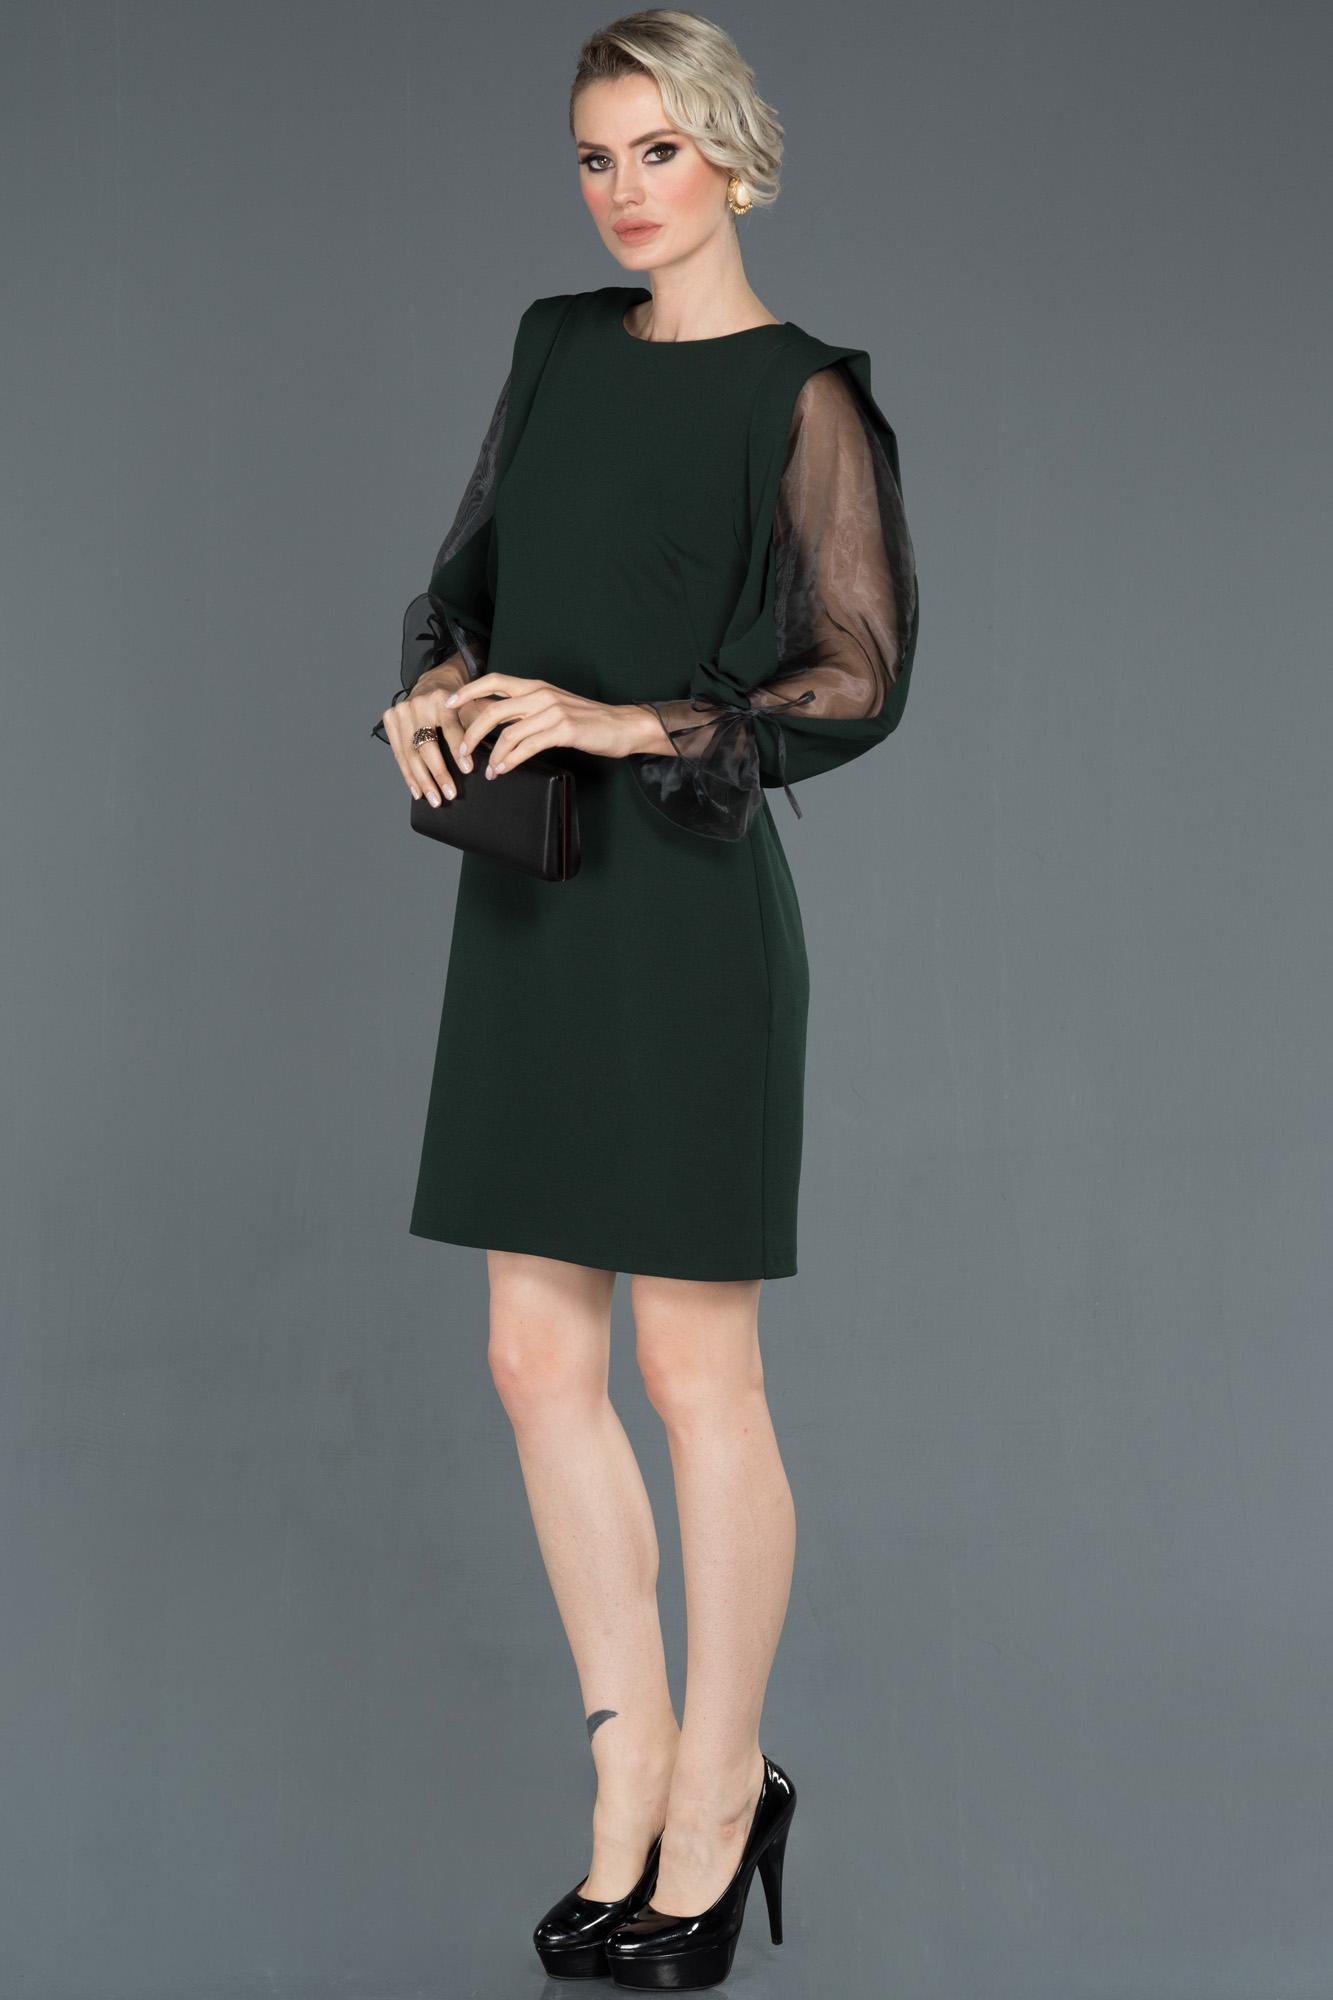 Kısa Yeşil Dekoltesiz Davet Elbisesi